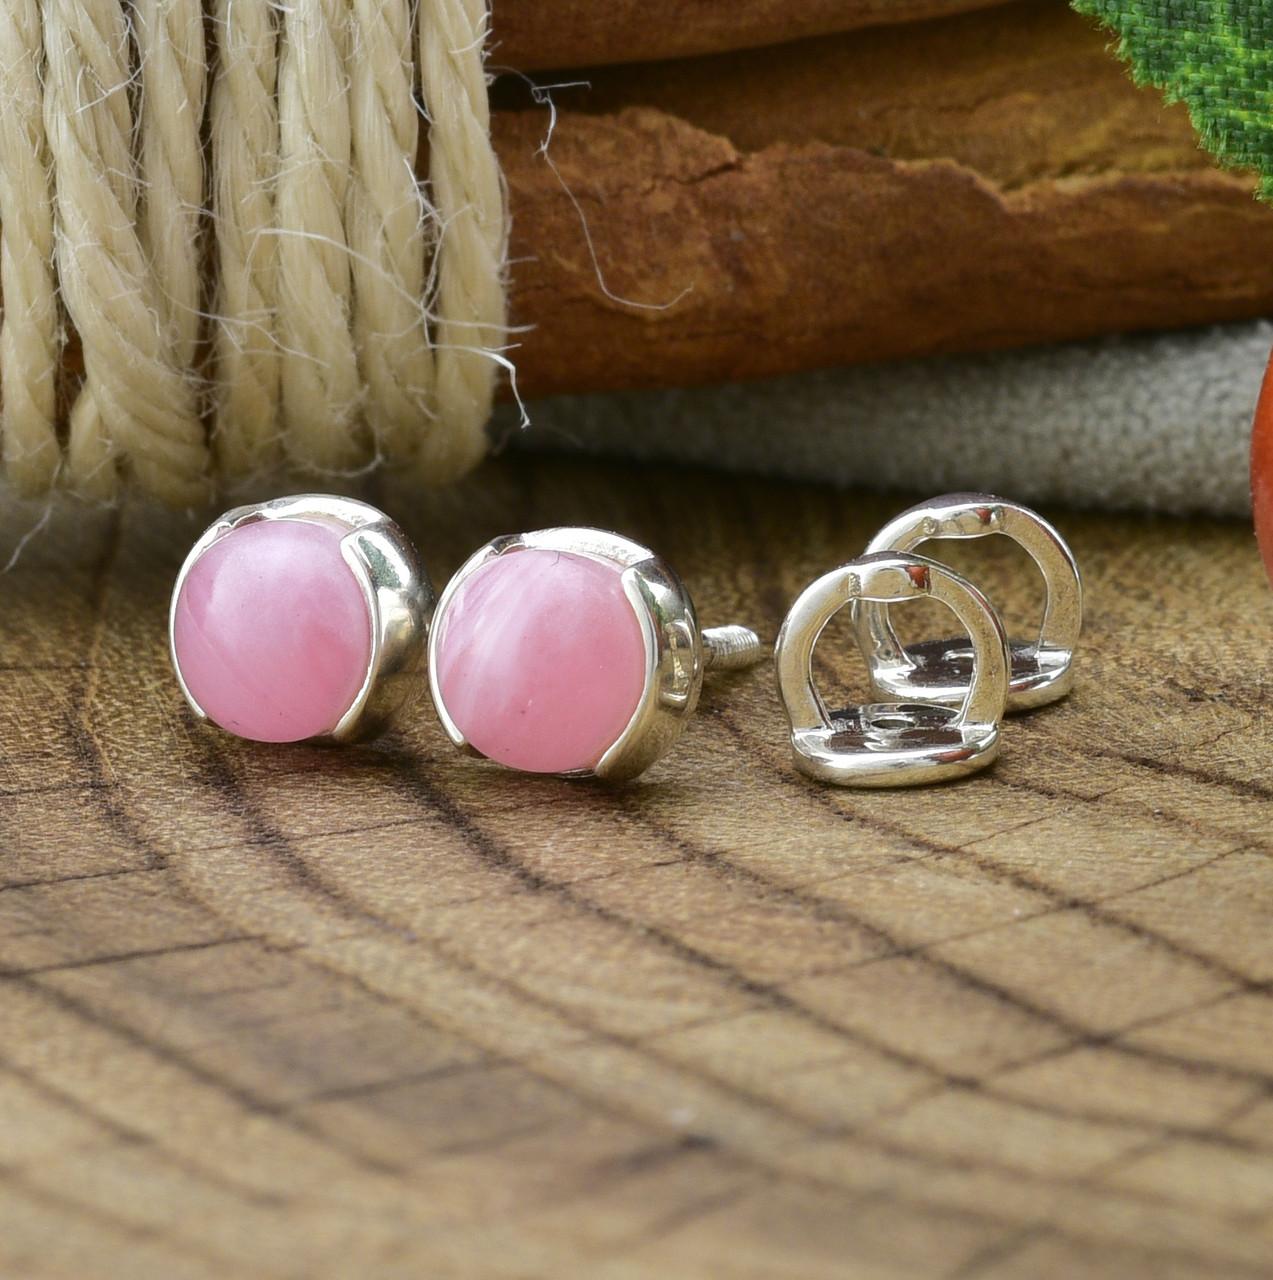 Серебряные серьги гвоздики Мерида размер 6х6 мм кварц розовый вес 1.4 г